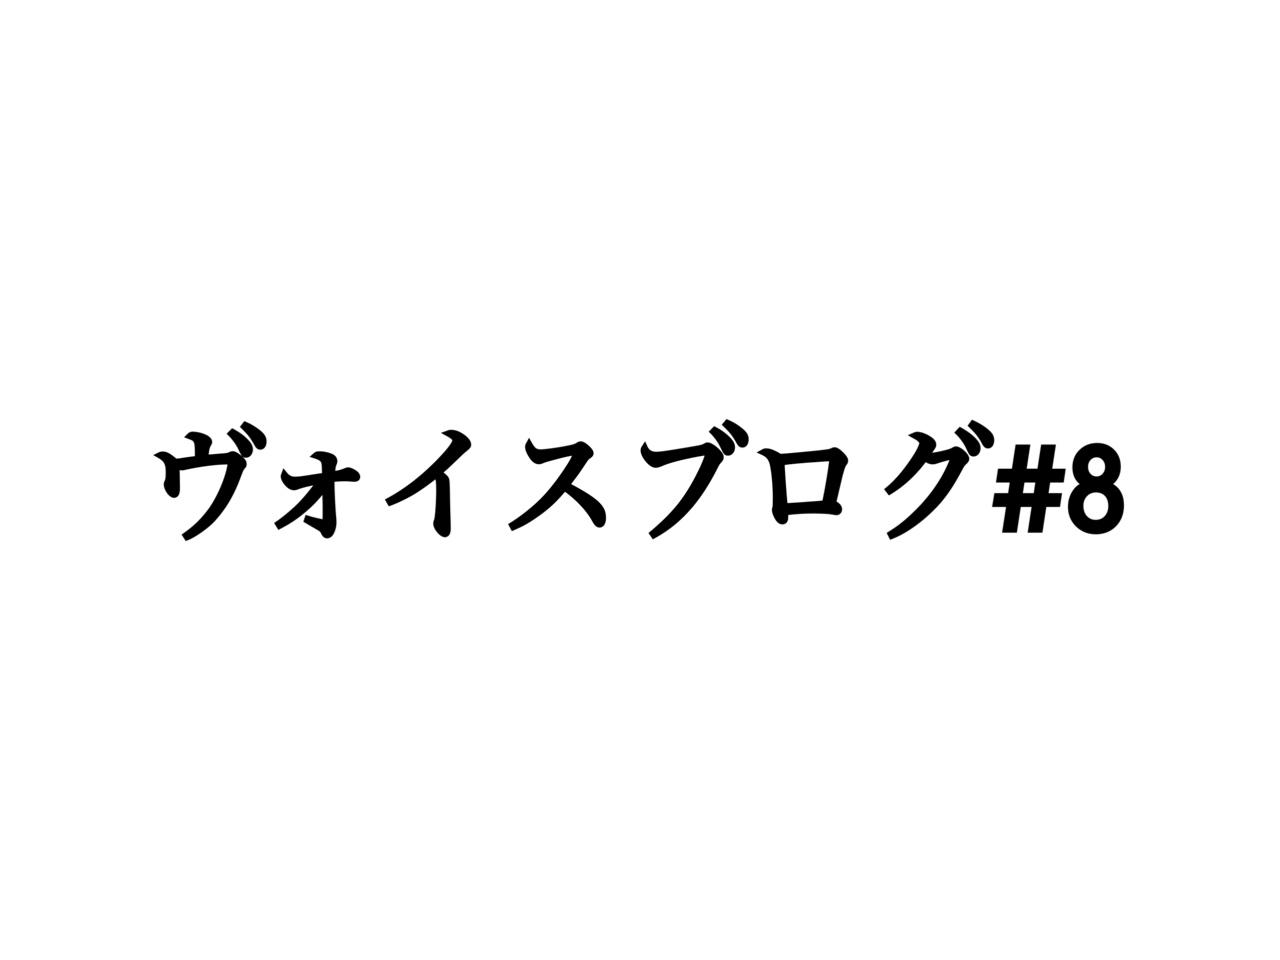 ヴォイスブログ#8